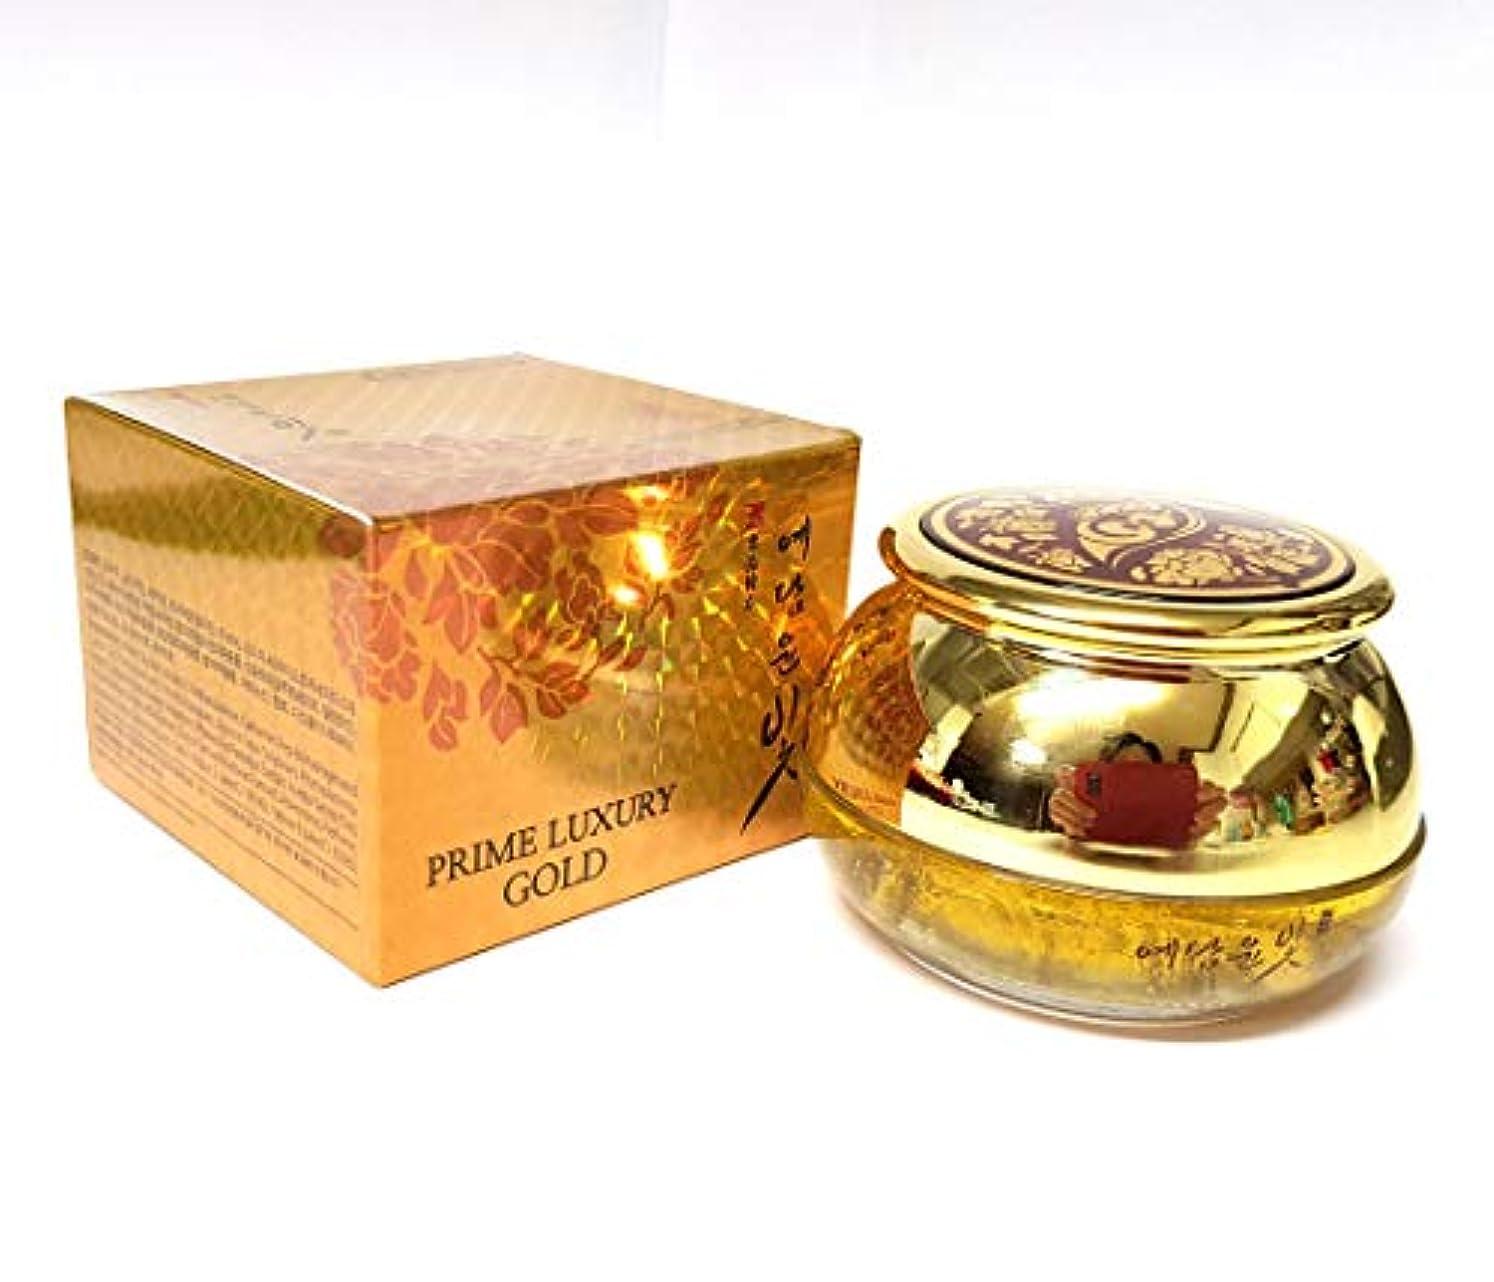 習字シアー包括的[YEDAM YUNBIT] プライムラグジュアリーゴールドリフティングクリーム50g/ Prime Luxury Gold Lifting Cream 50g /ゴールドエキス/gold extract/しわ改善、保湿...